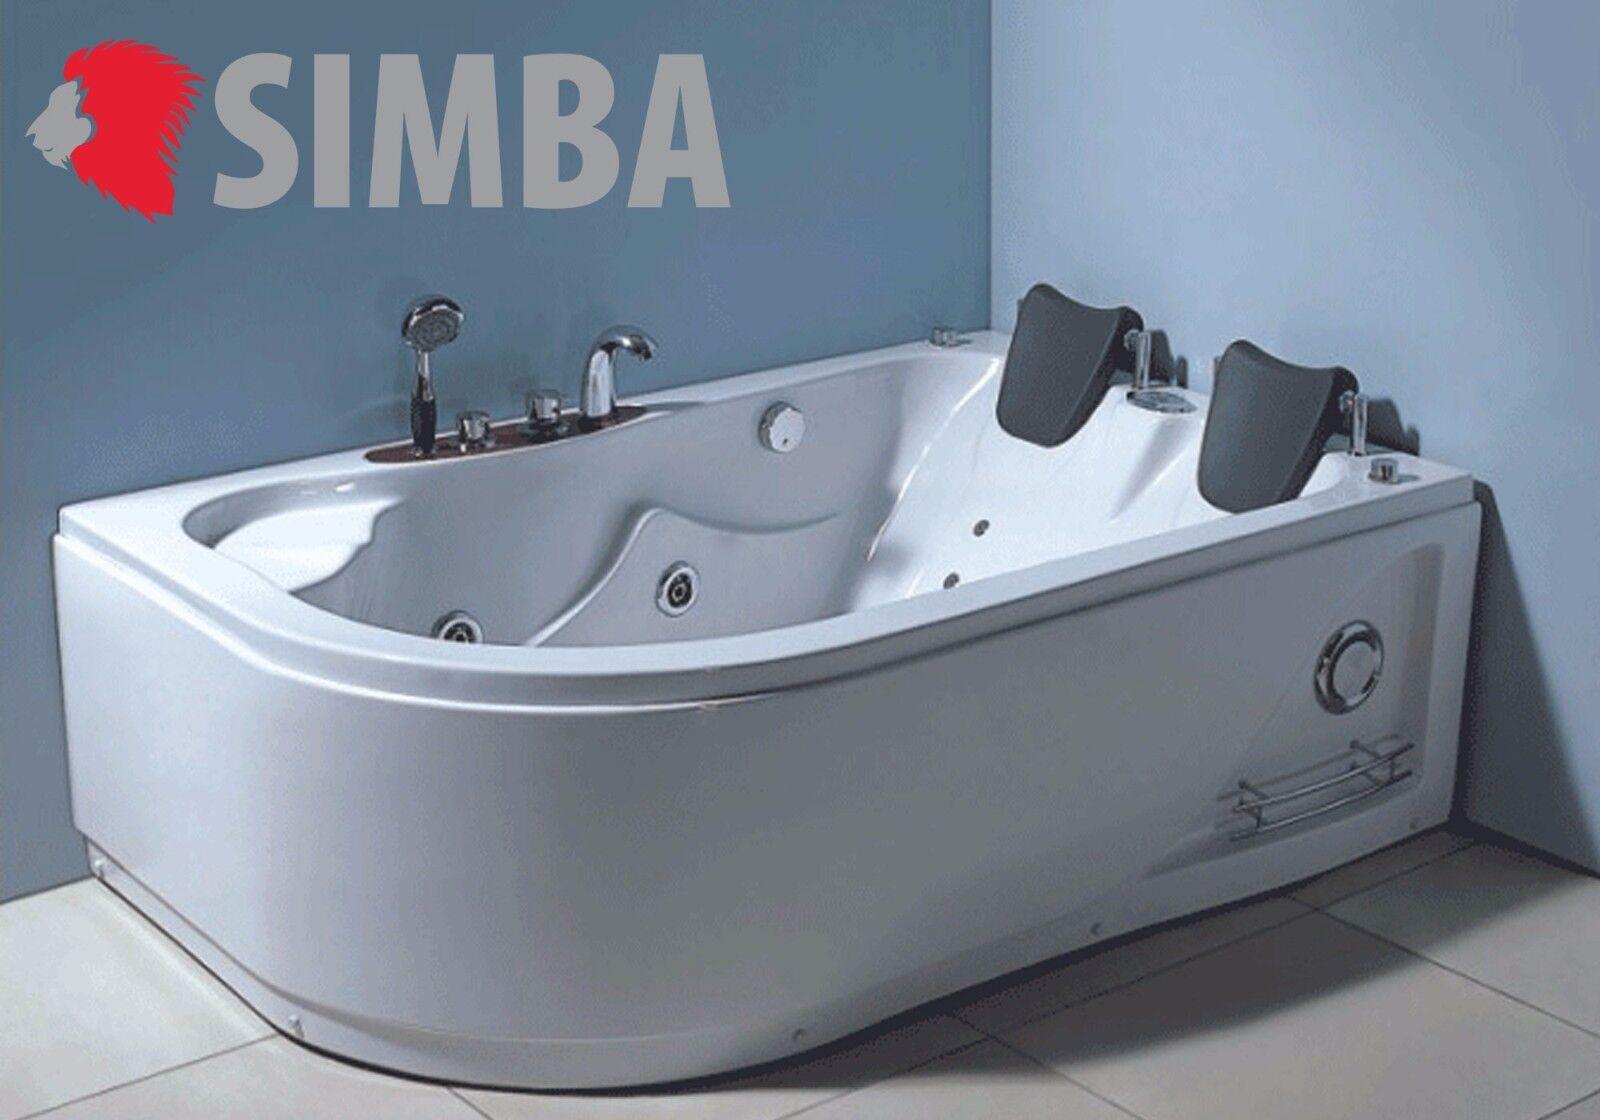 Vasche Da Bagno Jacuzzi Confronta Prezzi : ᐅ migliore vasche idromassaggio ⇒ classifica e recensioni